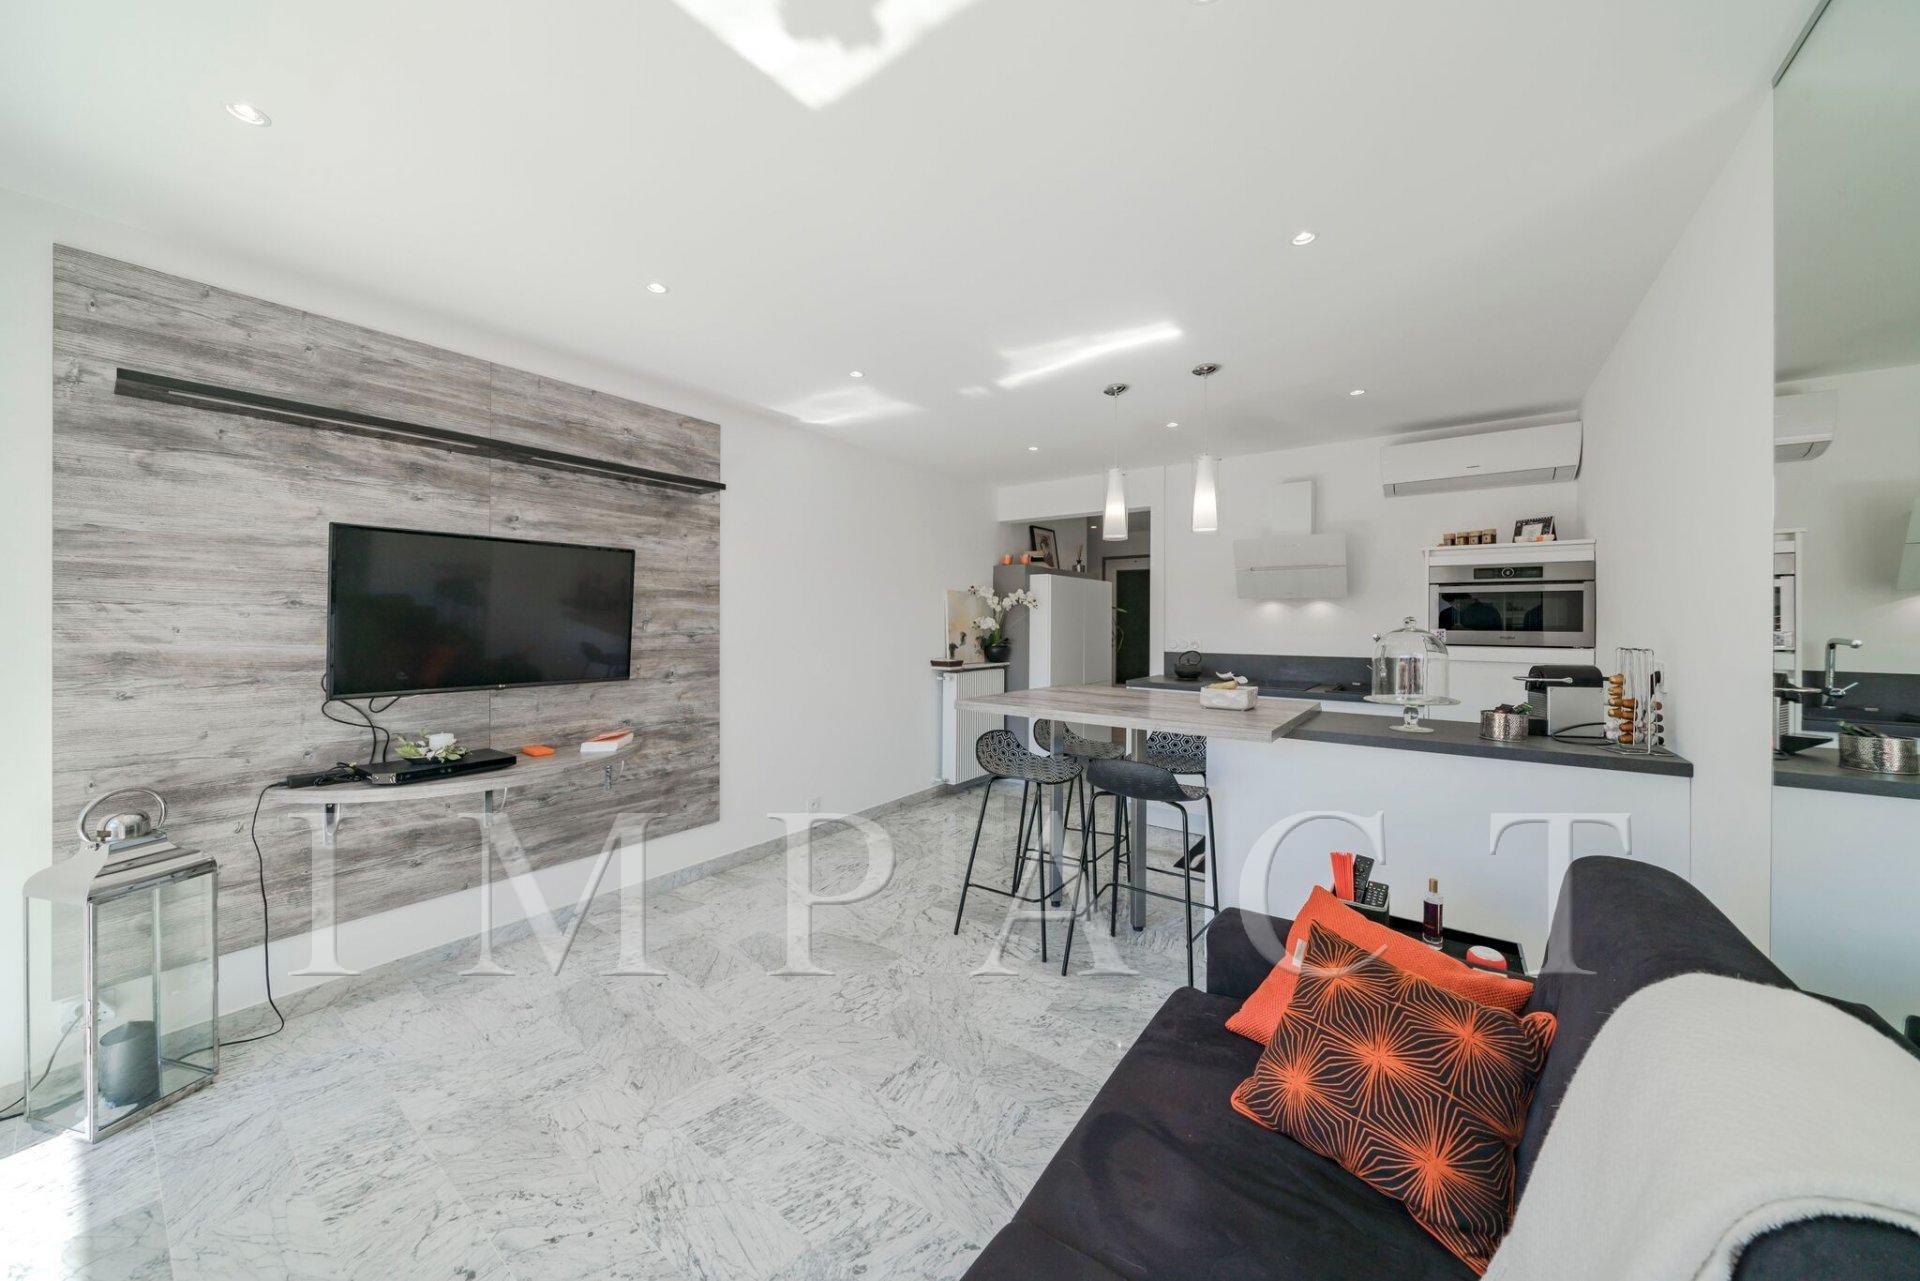 Kitchen bar, stainless steel, skylight